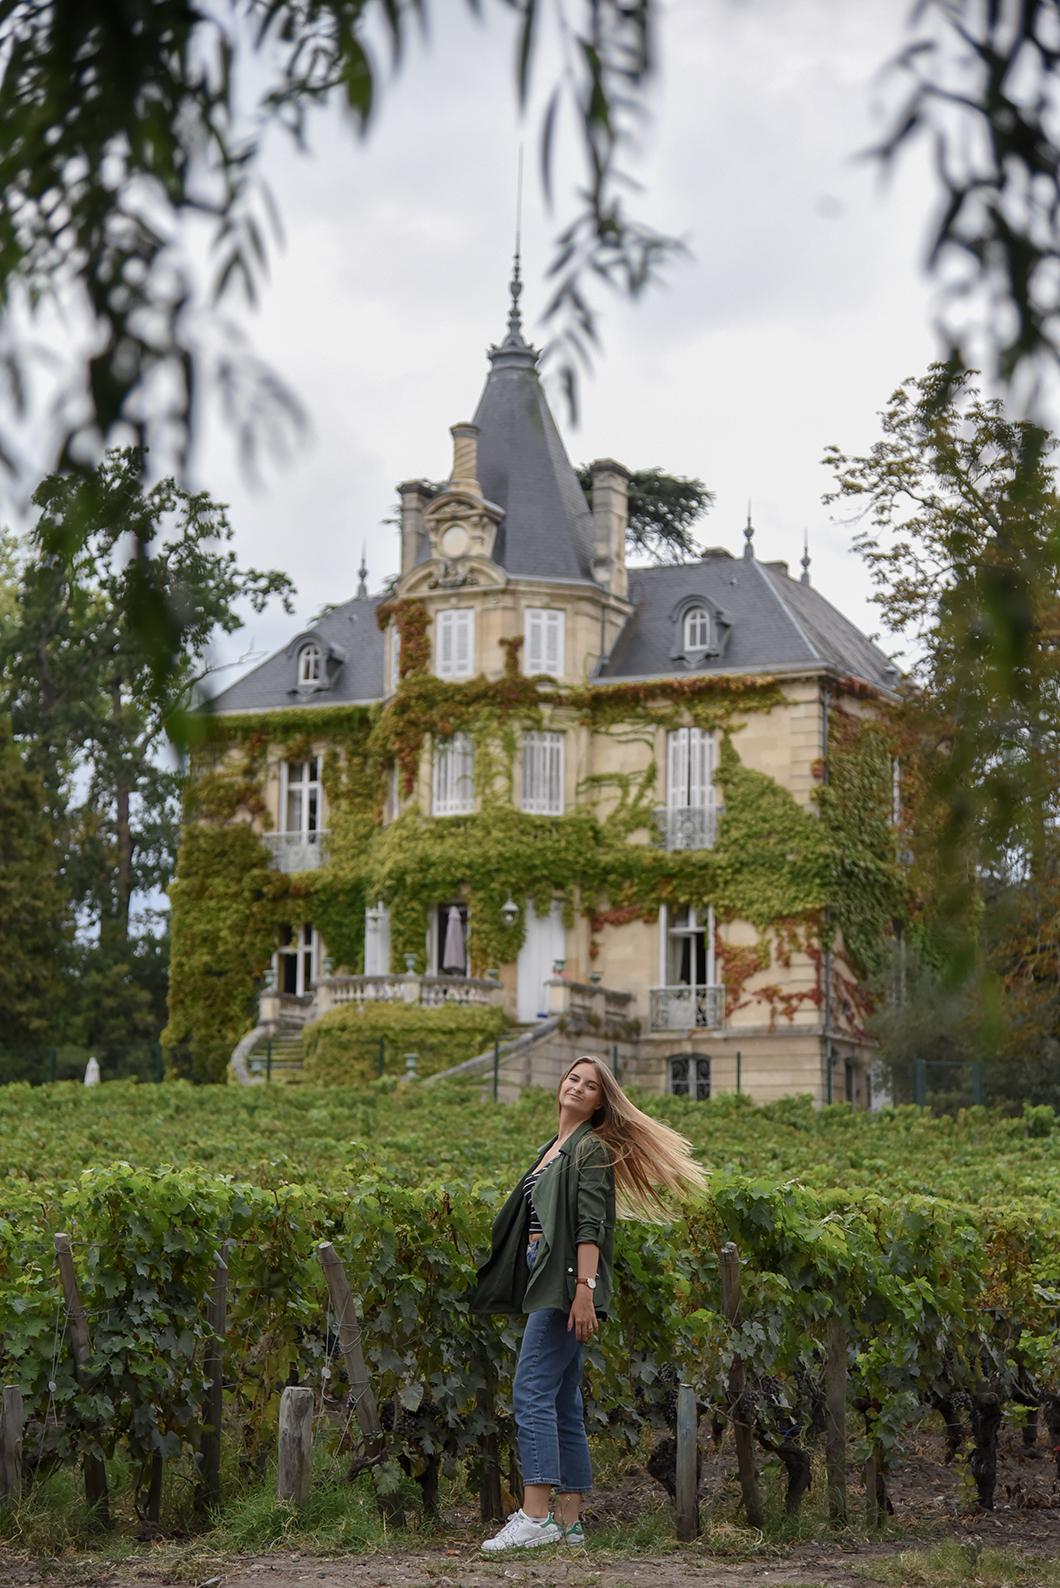 Château les Carmes Haut-Brion - Route des Vins de Bordeaux en Graves et Sauternes